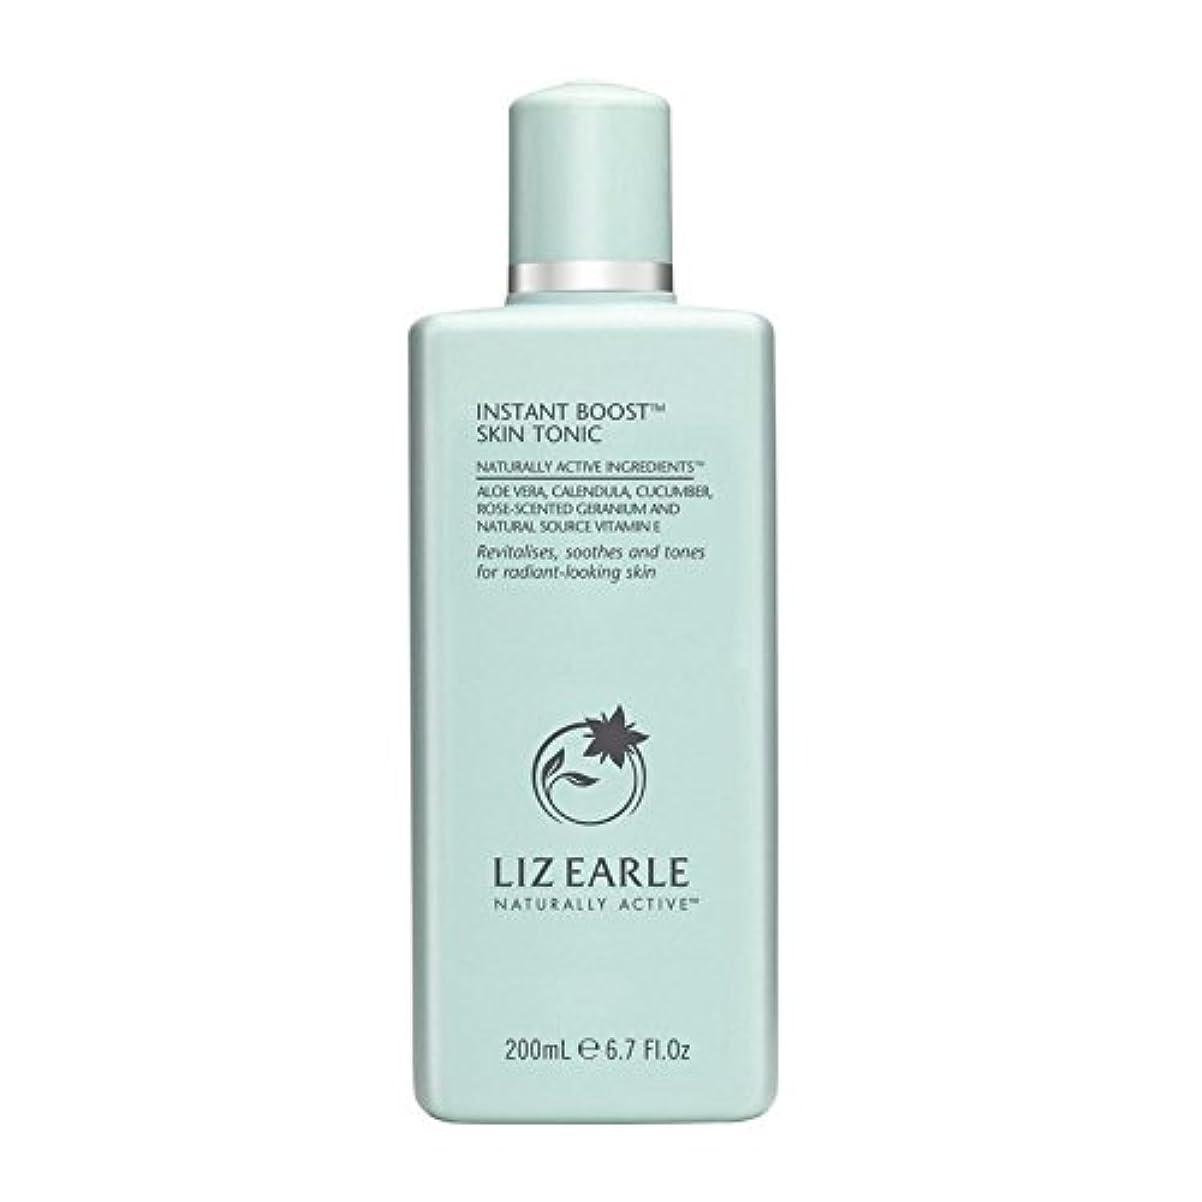 鼻施し司書リズアールインスタントブーストスキントニックボトル200ミリリットル x4 - Liz Earle Instant Boost Skin Tonic Bottle 200ml (Pack of 4) [並行輸入品]